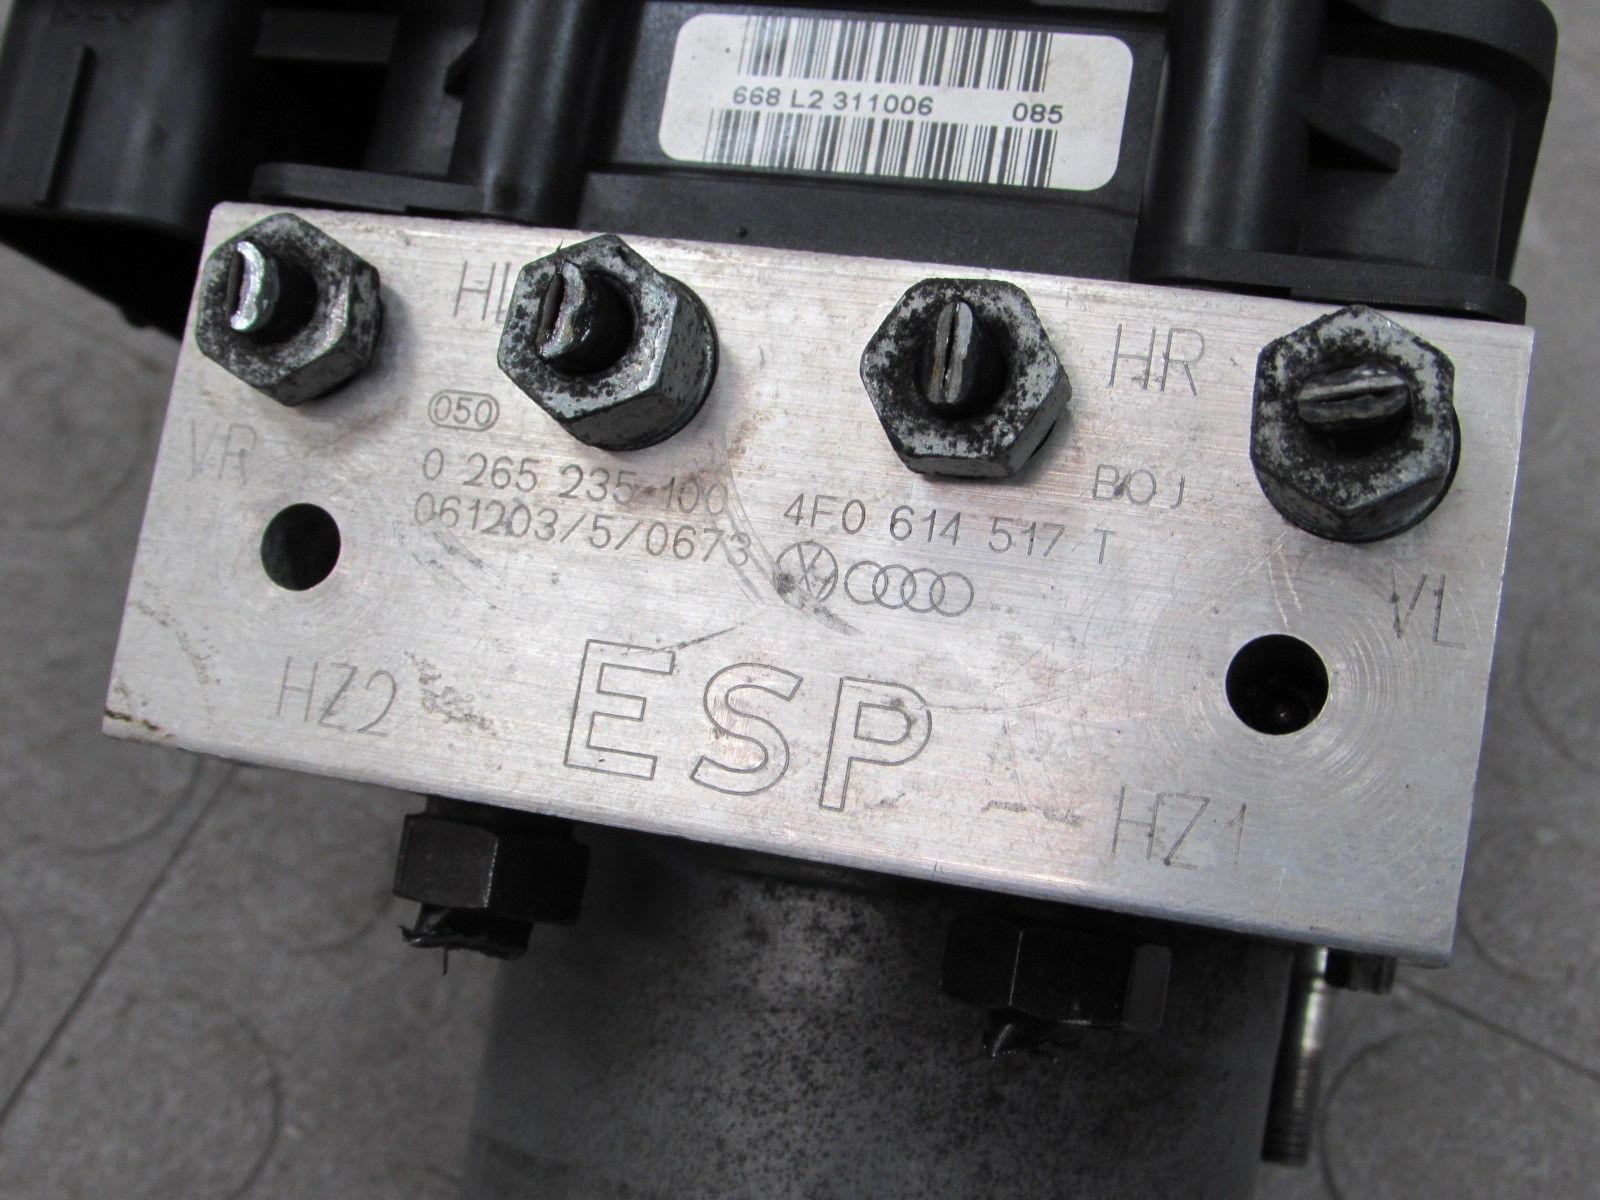 07-08 Audi A6 C6 FWD ABS Anti-Lock Brake Pump Module Assembly 4F0 910 517  AC C